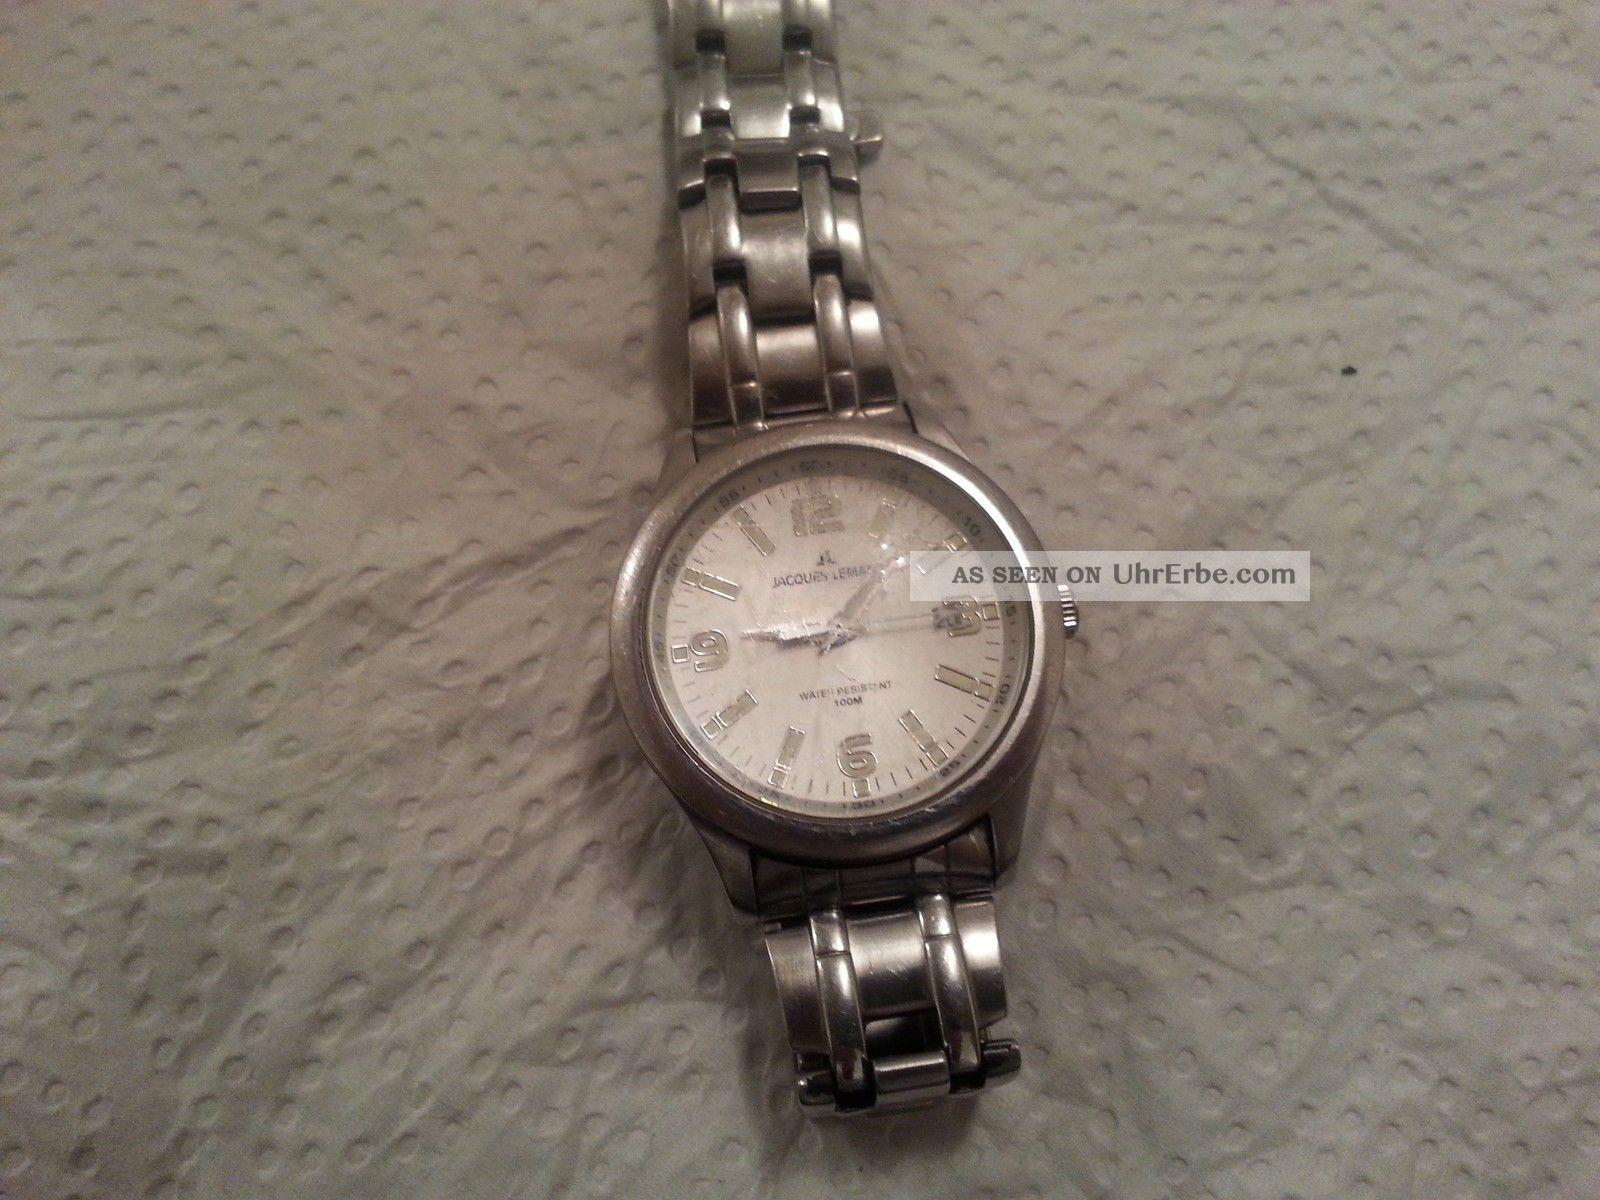 Herren Arbanduhr Jacques Lemans Armbanduhren Bild